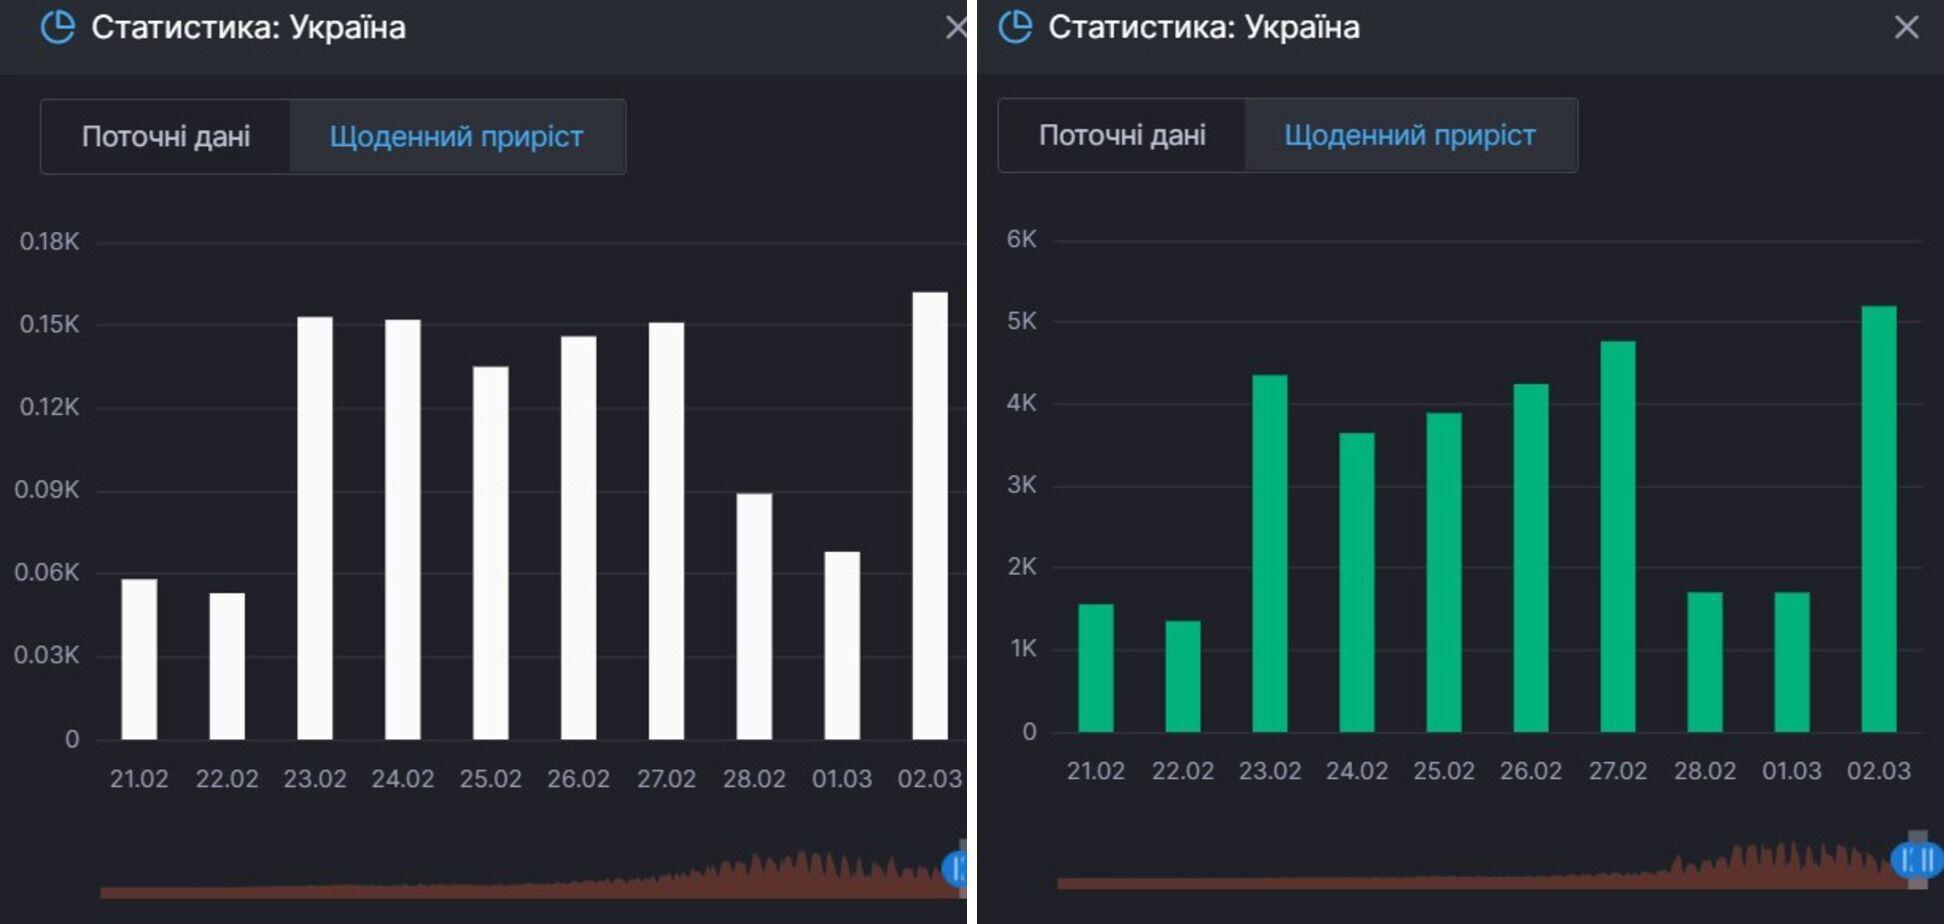 Приріст смертей і одужань від коронавірусу в Україні